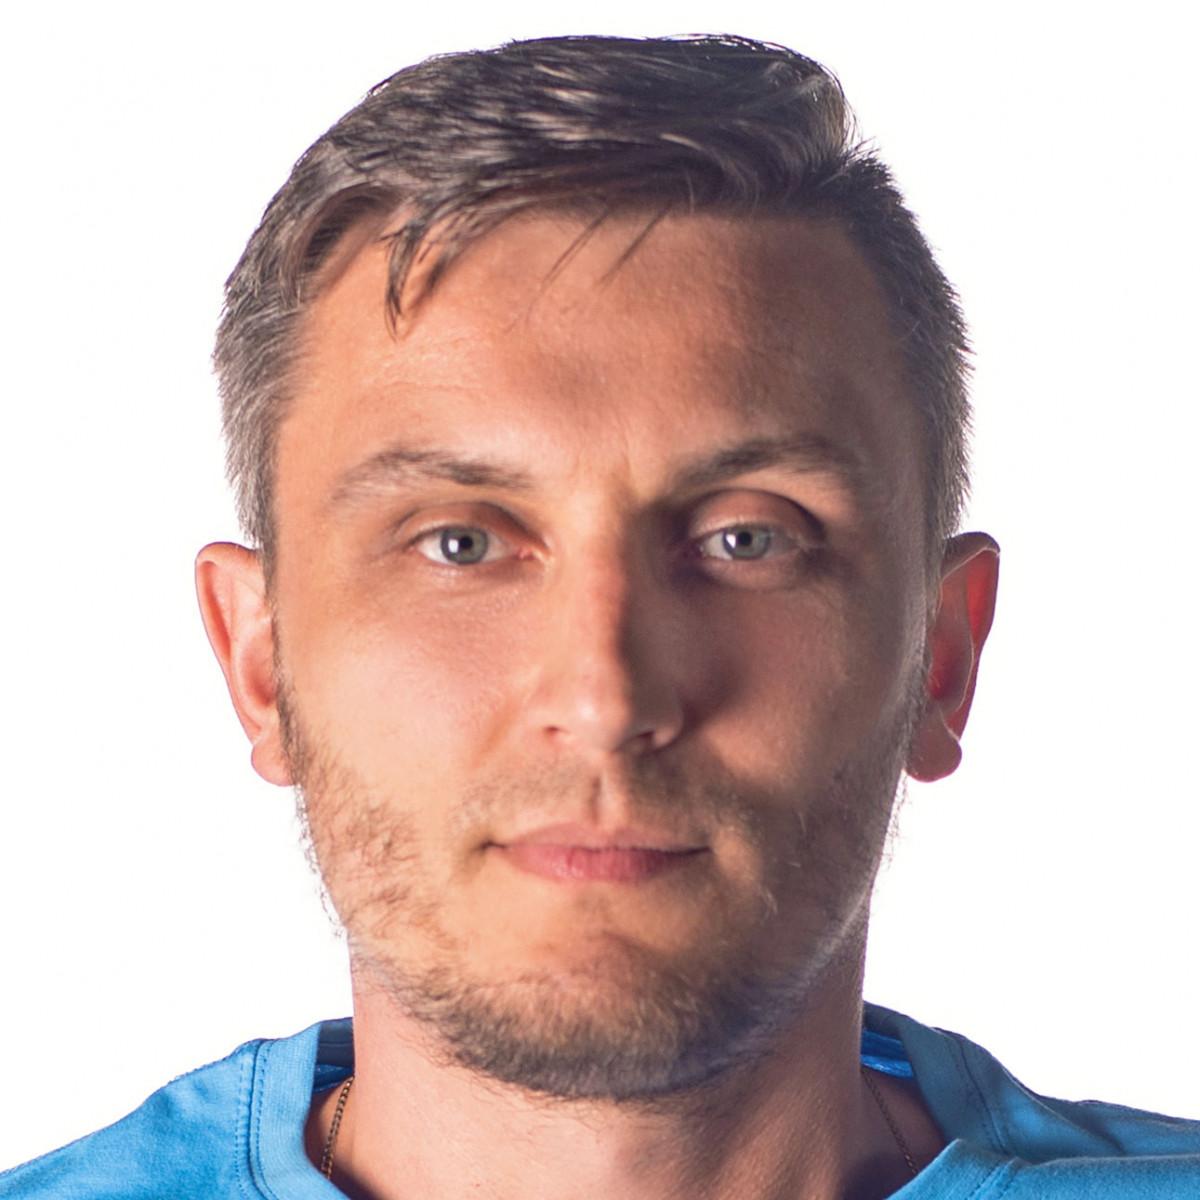 Lukasz Ratajczak